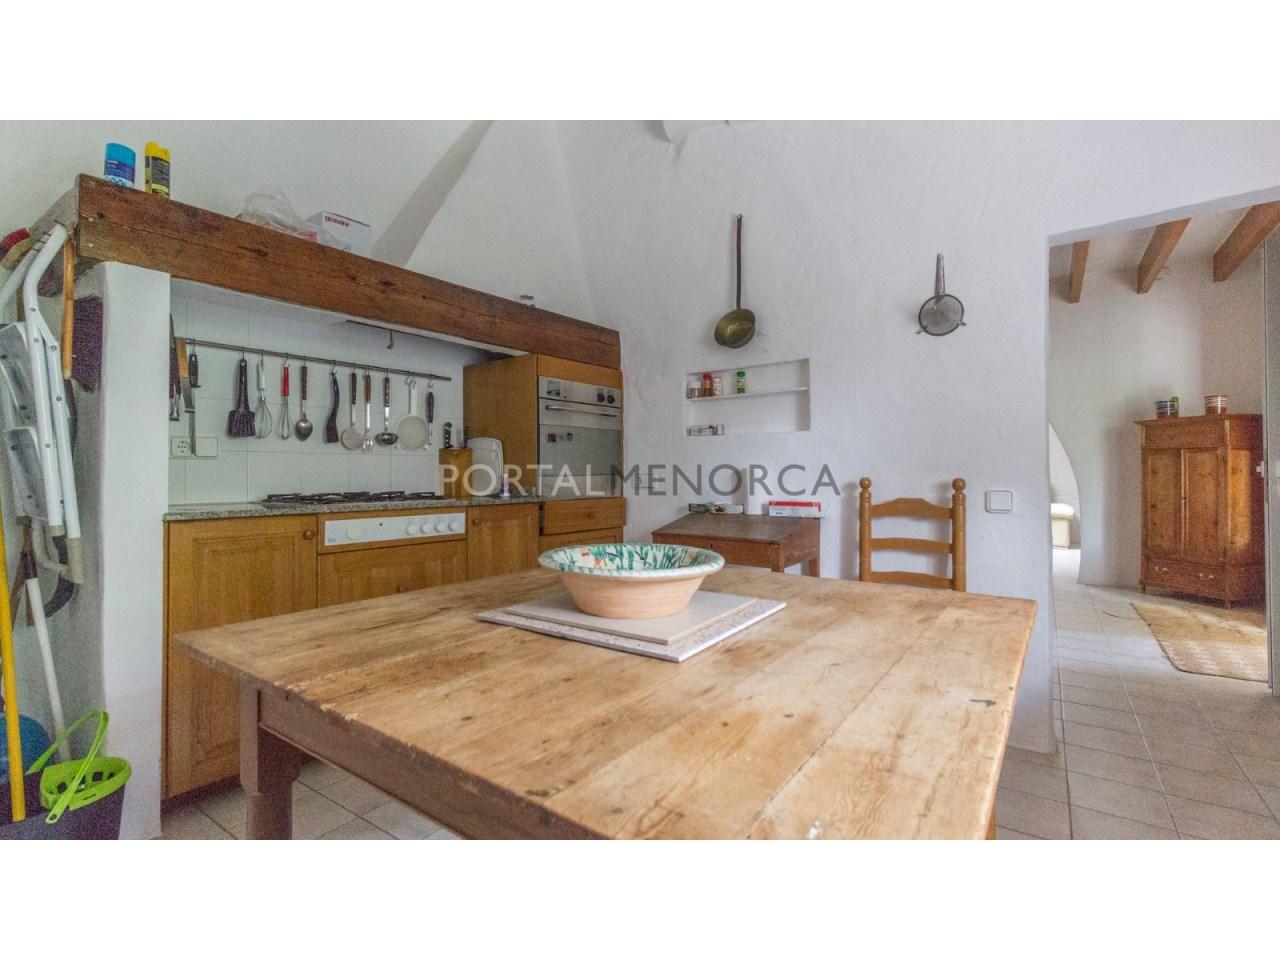 casa de campo en Sant Lluis, Menorca (5 de 22)